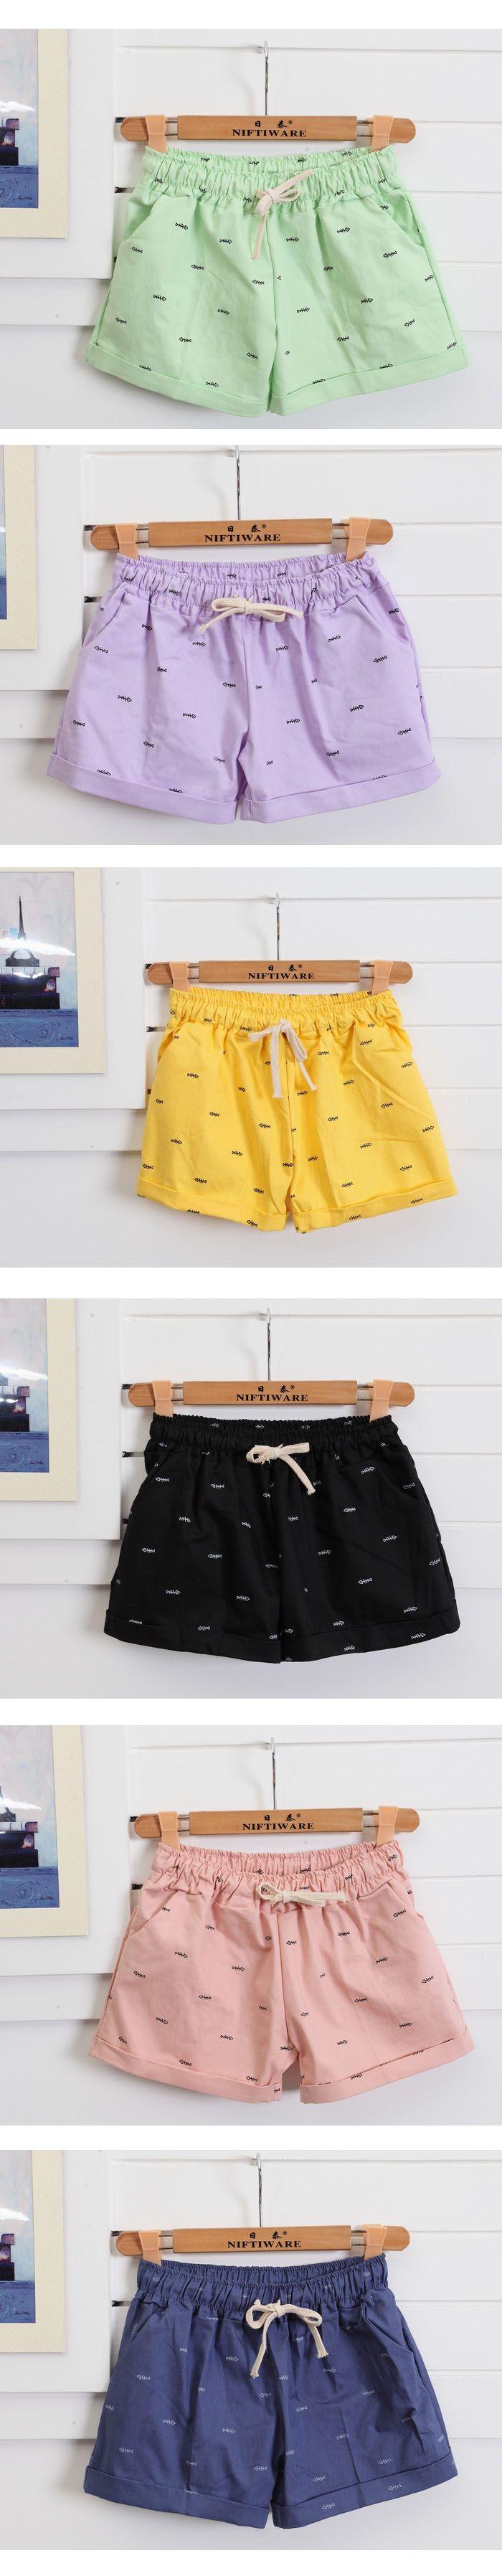 Бесплатная поставка Новый женские лето 2014 Мори Японские женщины котенок цветочный платье цвета шорты женские летние шорты - Taobao